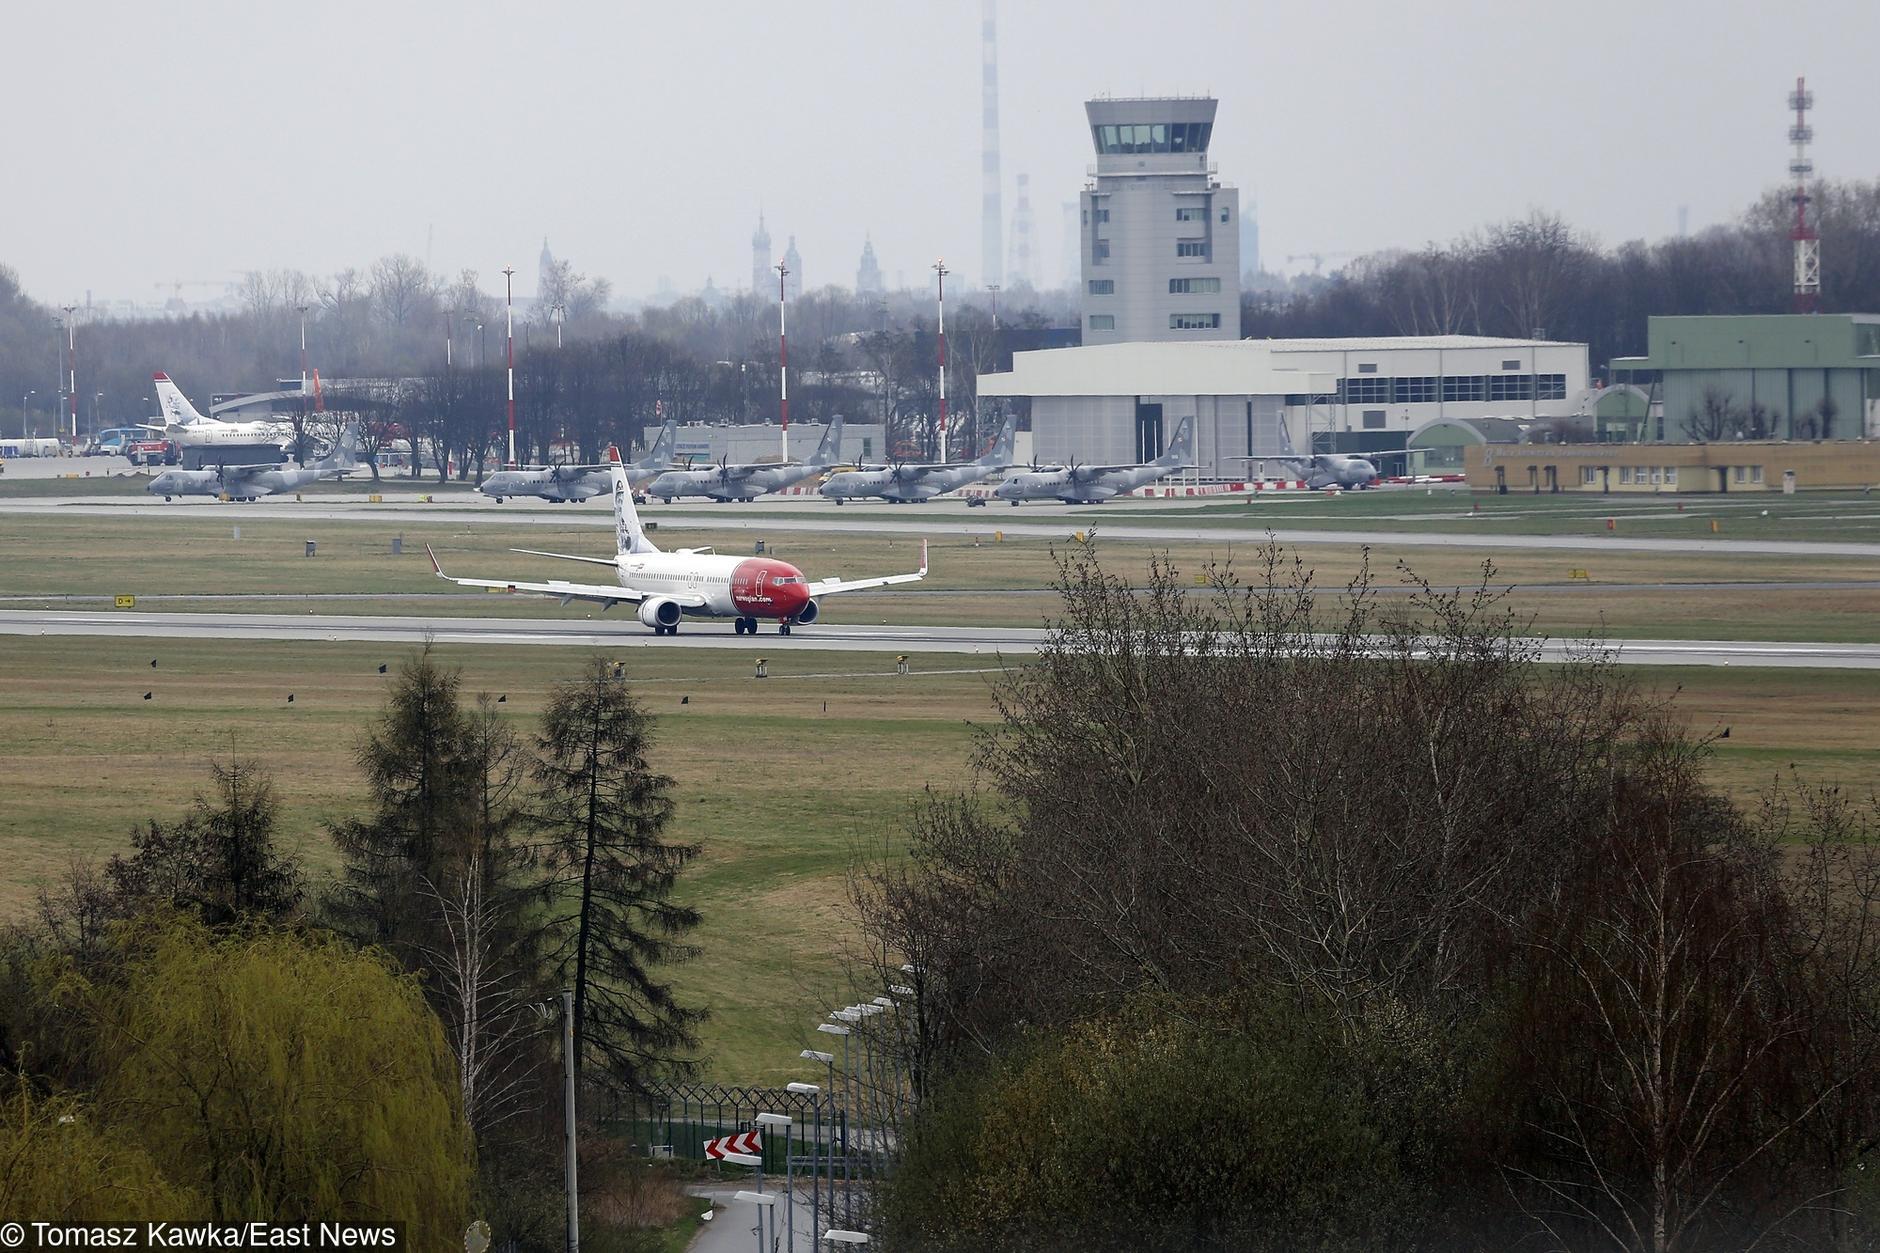 W Suwałkach powstanie lotnisko. Producent mebli pokryje 1/3 kosztów